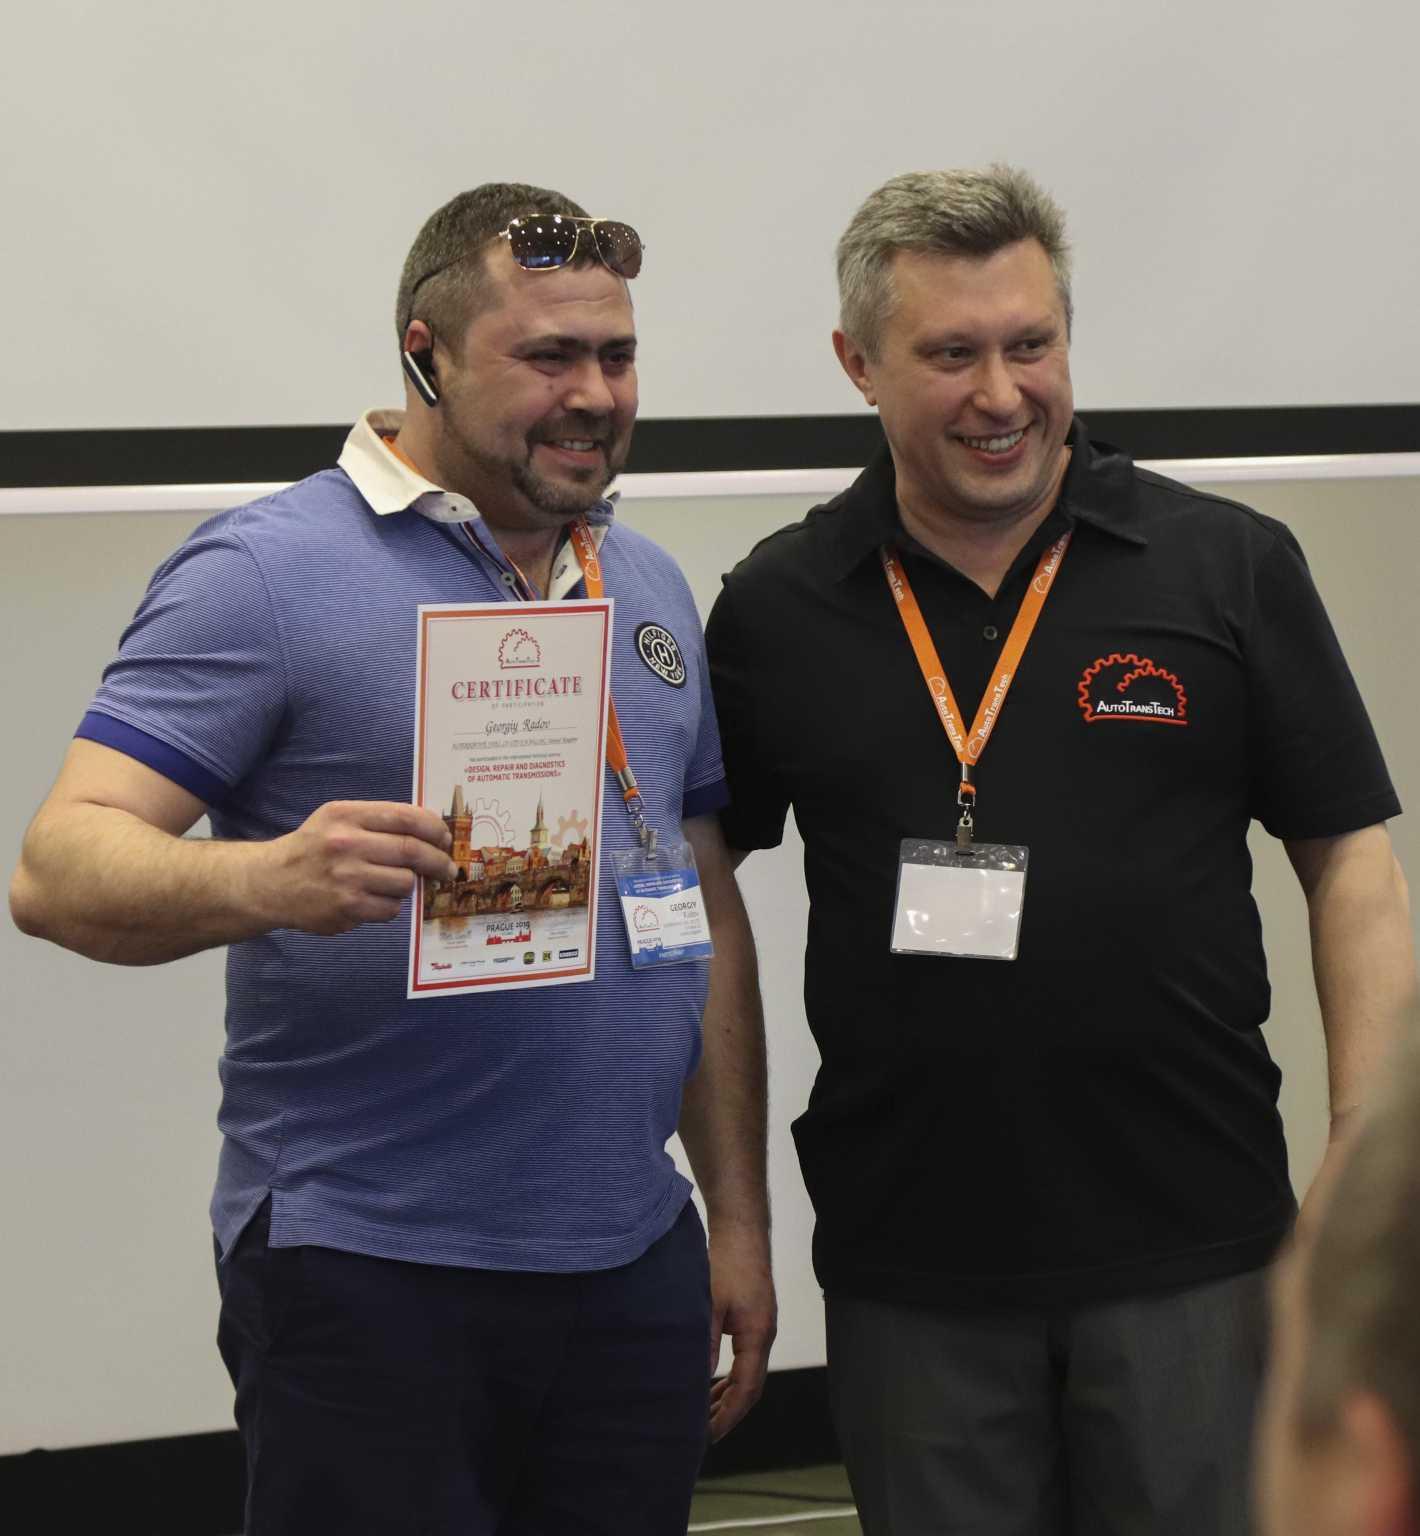 Вручение сертификатов на семинаре АвтоТРансТех